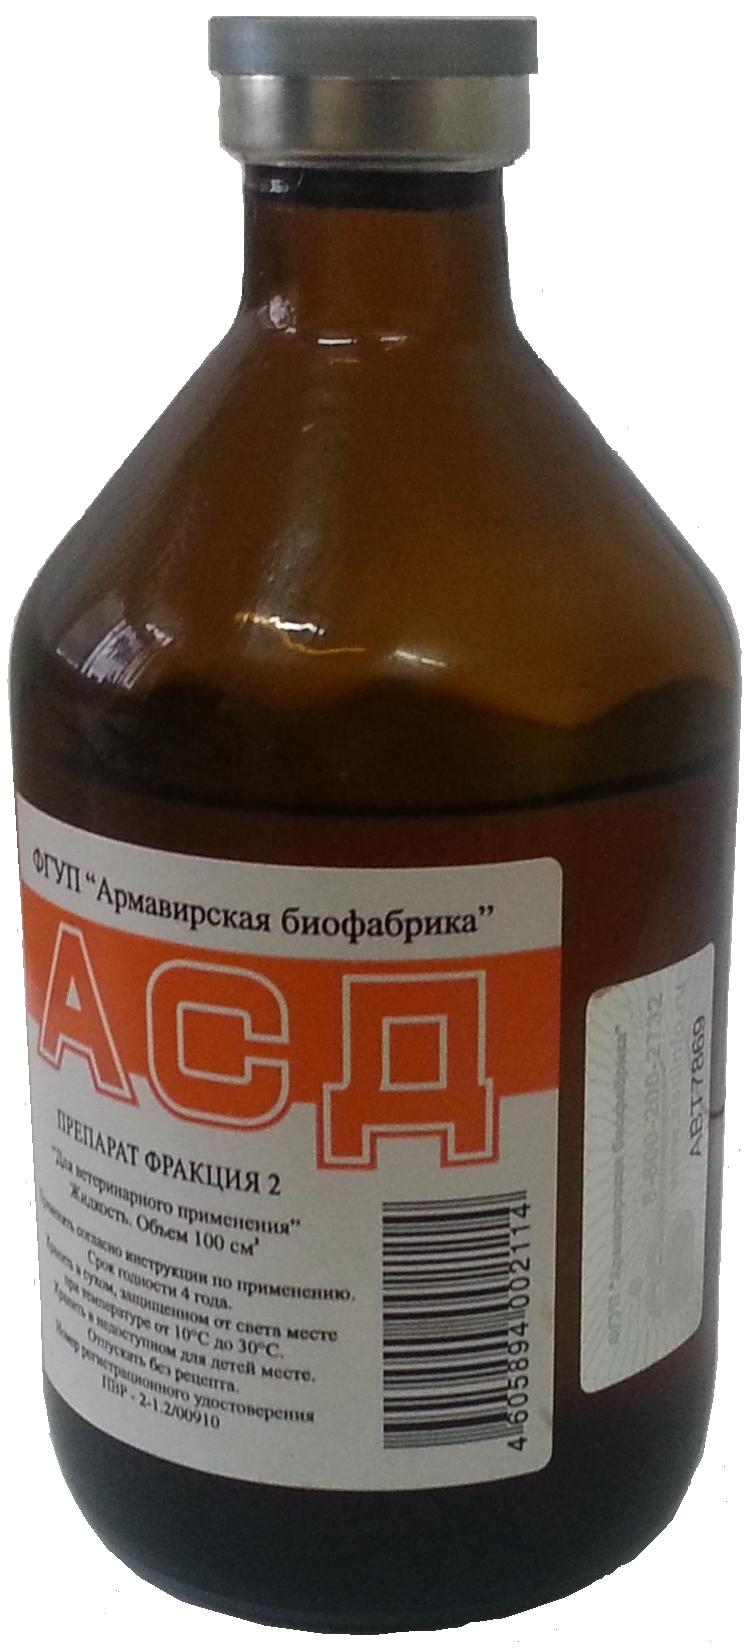 Инструкция по применению лекарственного препарата фракция